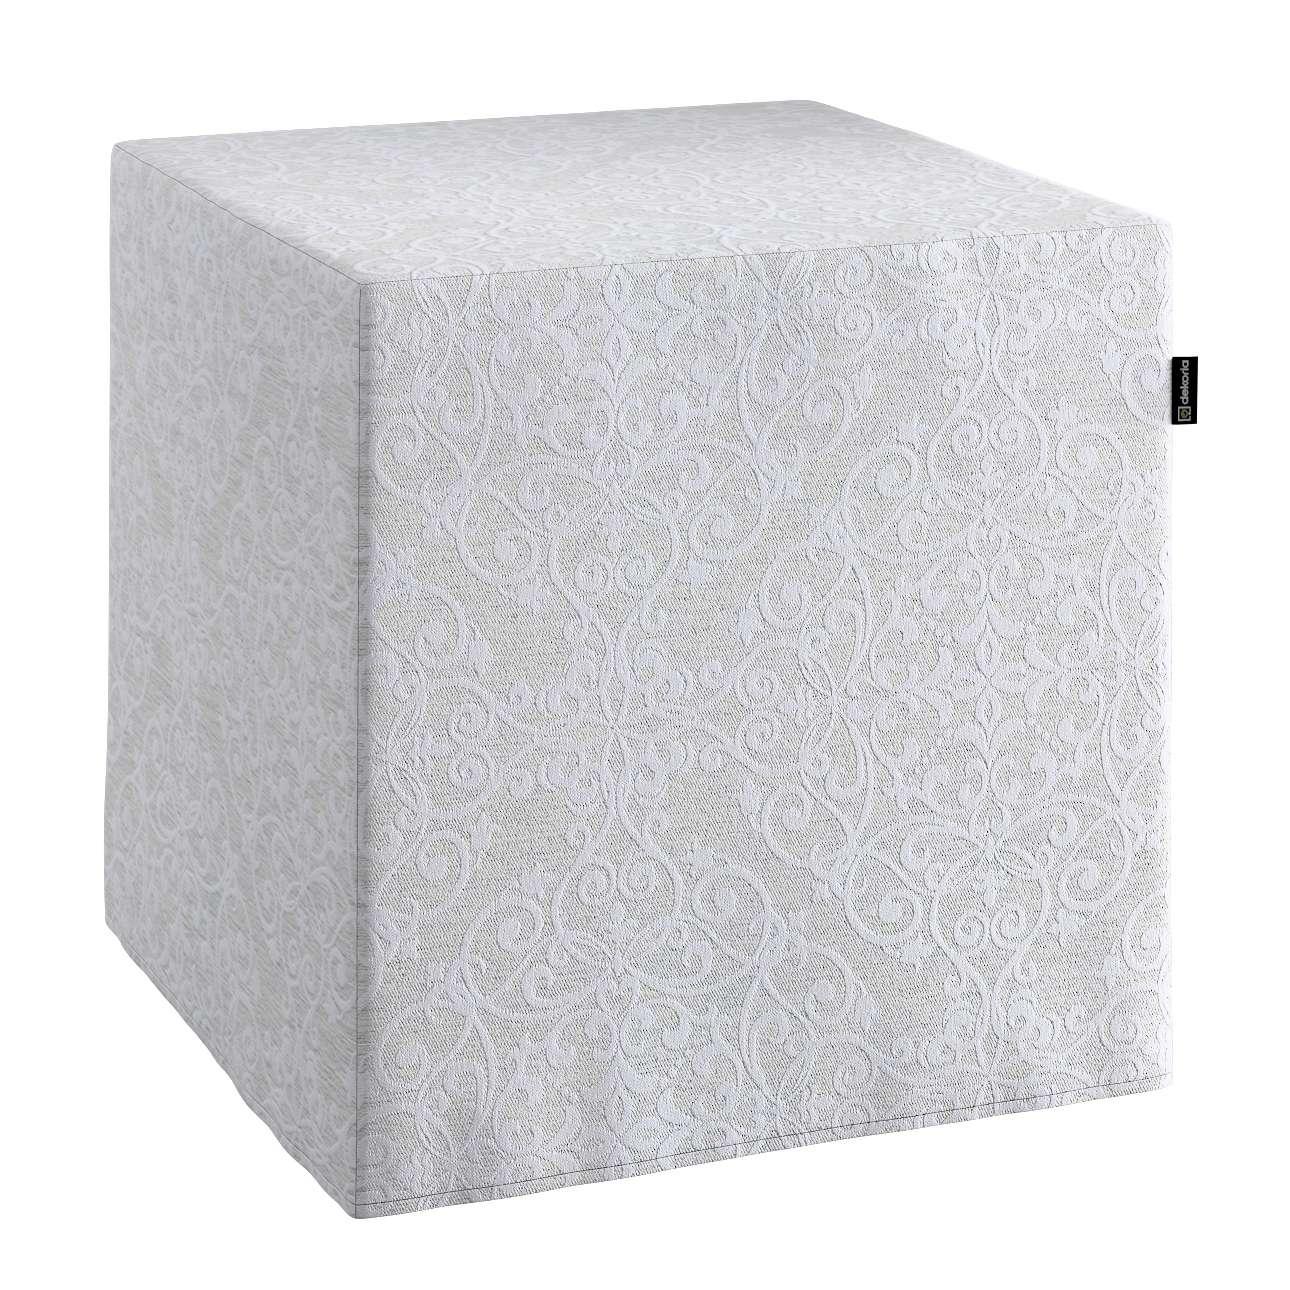 Taburetka tvrdá, kocka V kolekcii Venice, tkanina: 140-49